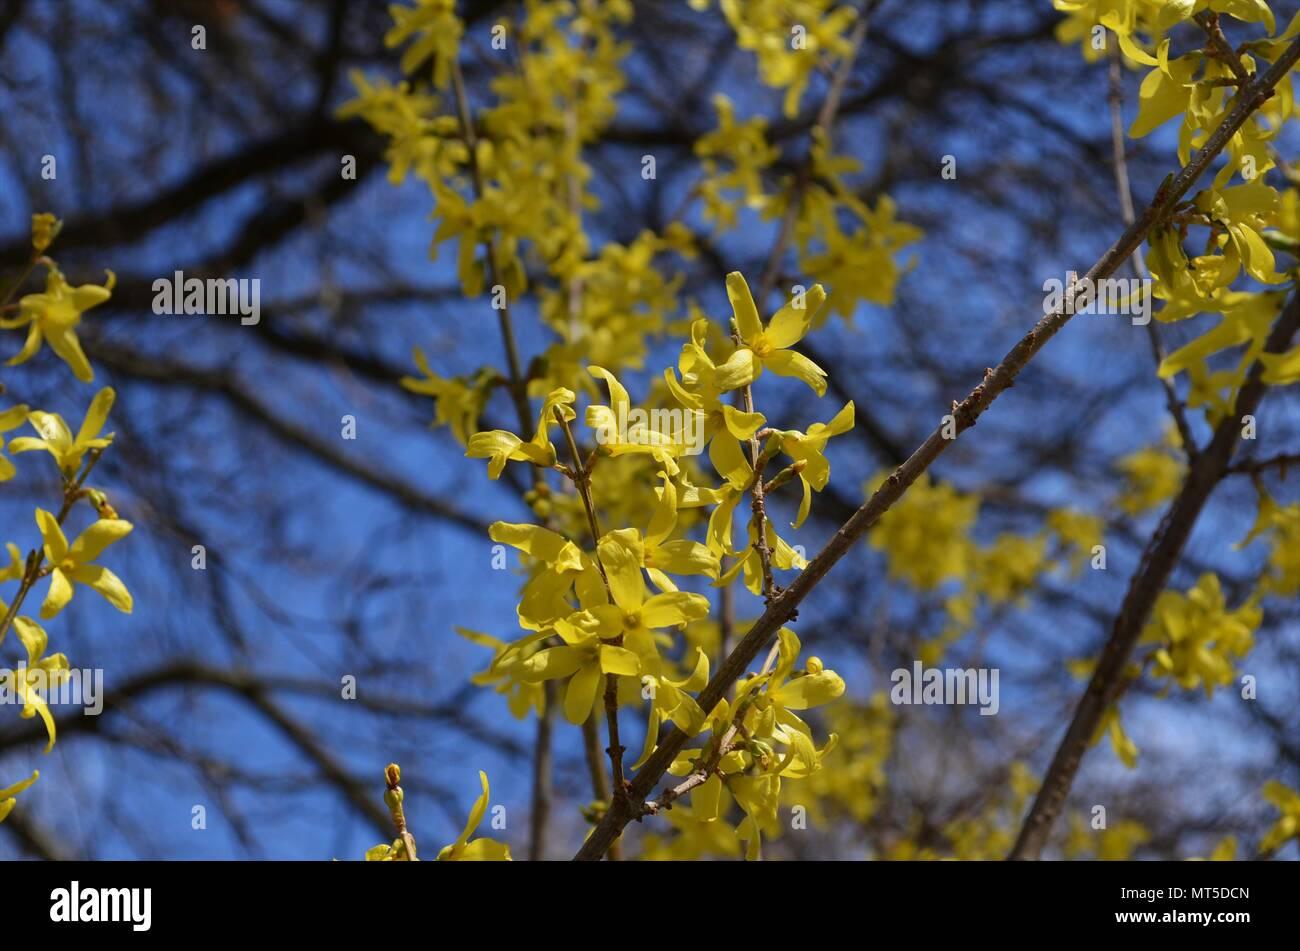 Fiori Gialli Germania.Piccoli Fiori Gialli Sui Rami Fioritura In Primavera In Germania